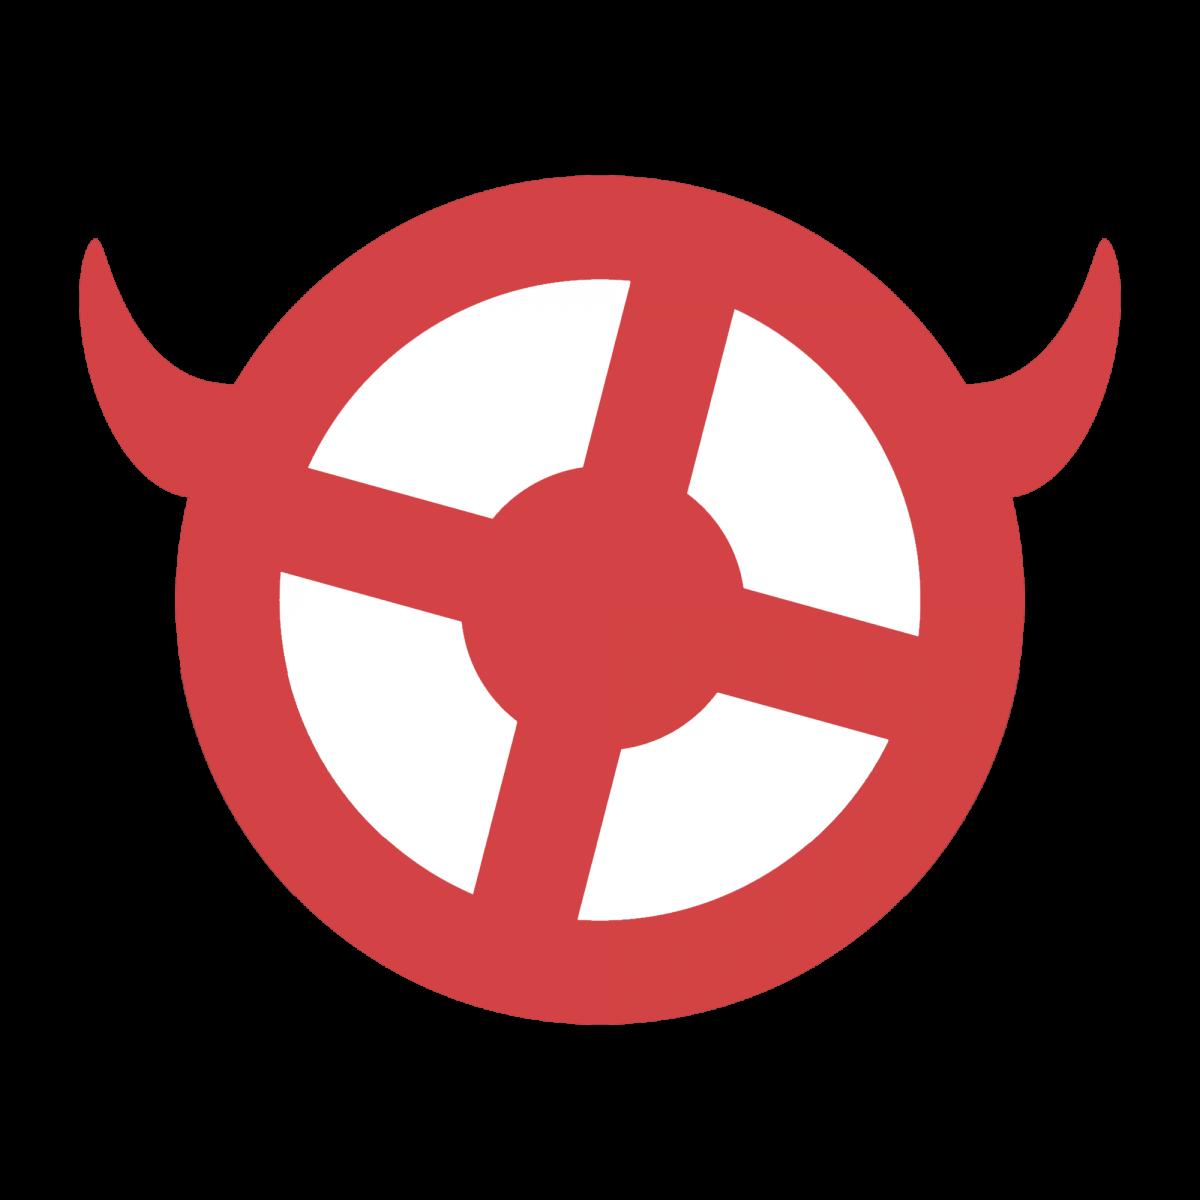 TF2 X HG - Hybrid Logo